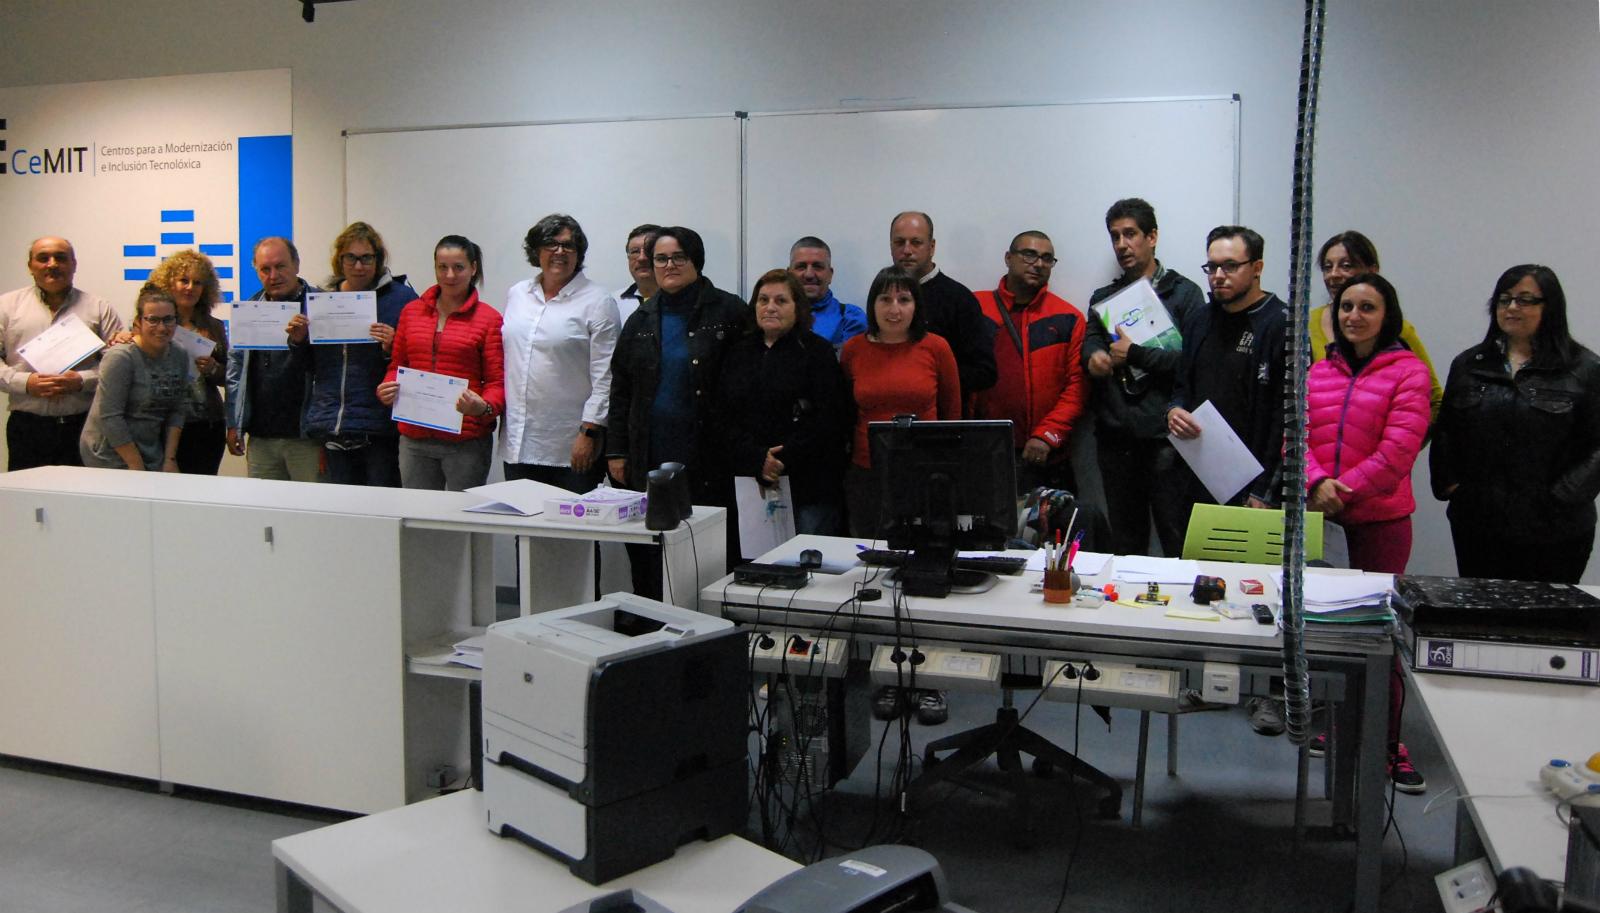 A alcaldesa entregou na Aula CeMIT do Porriño os diplomas ás veciñas e veciños que adquiriron coñecementos en OpenCart, deseño con  Qcad, edición ou creación de páxinas web con Wordpress